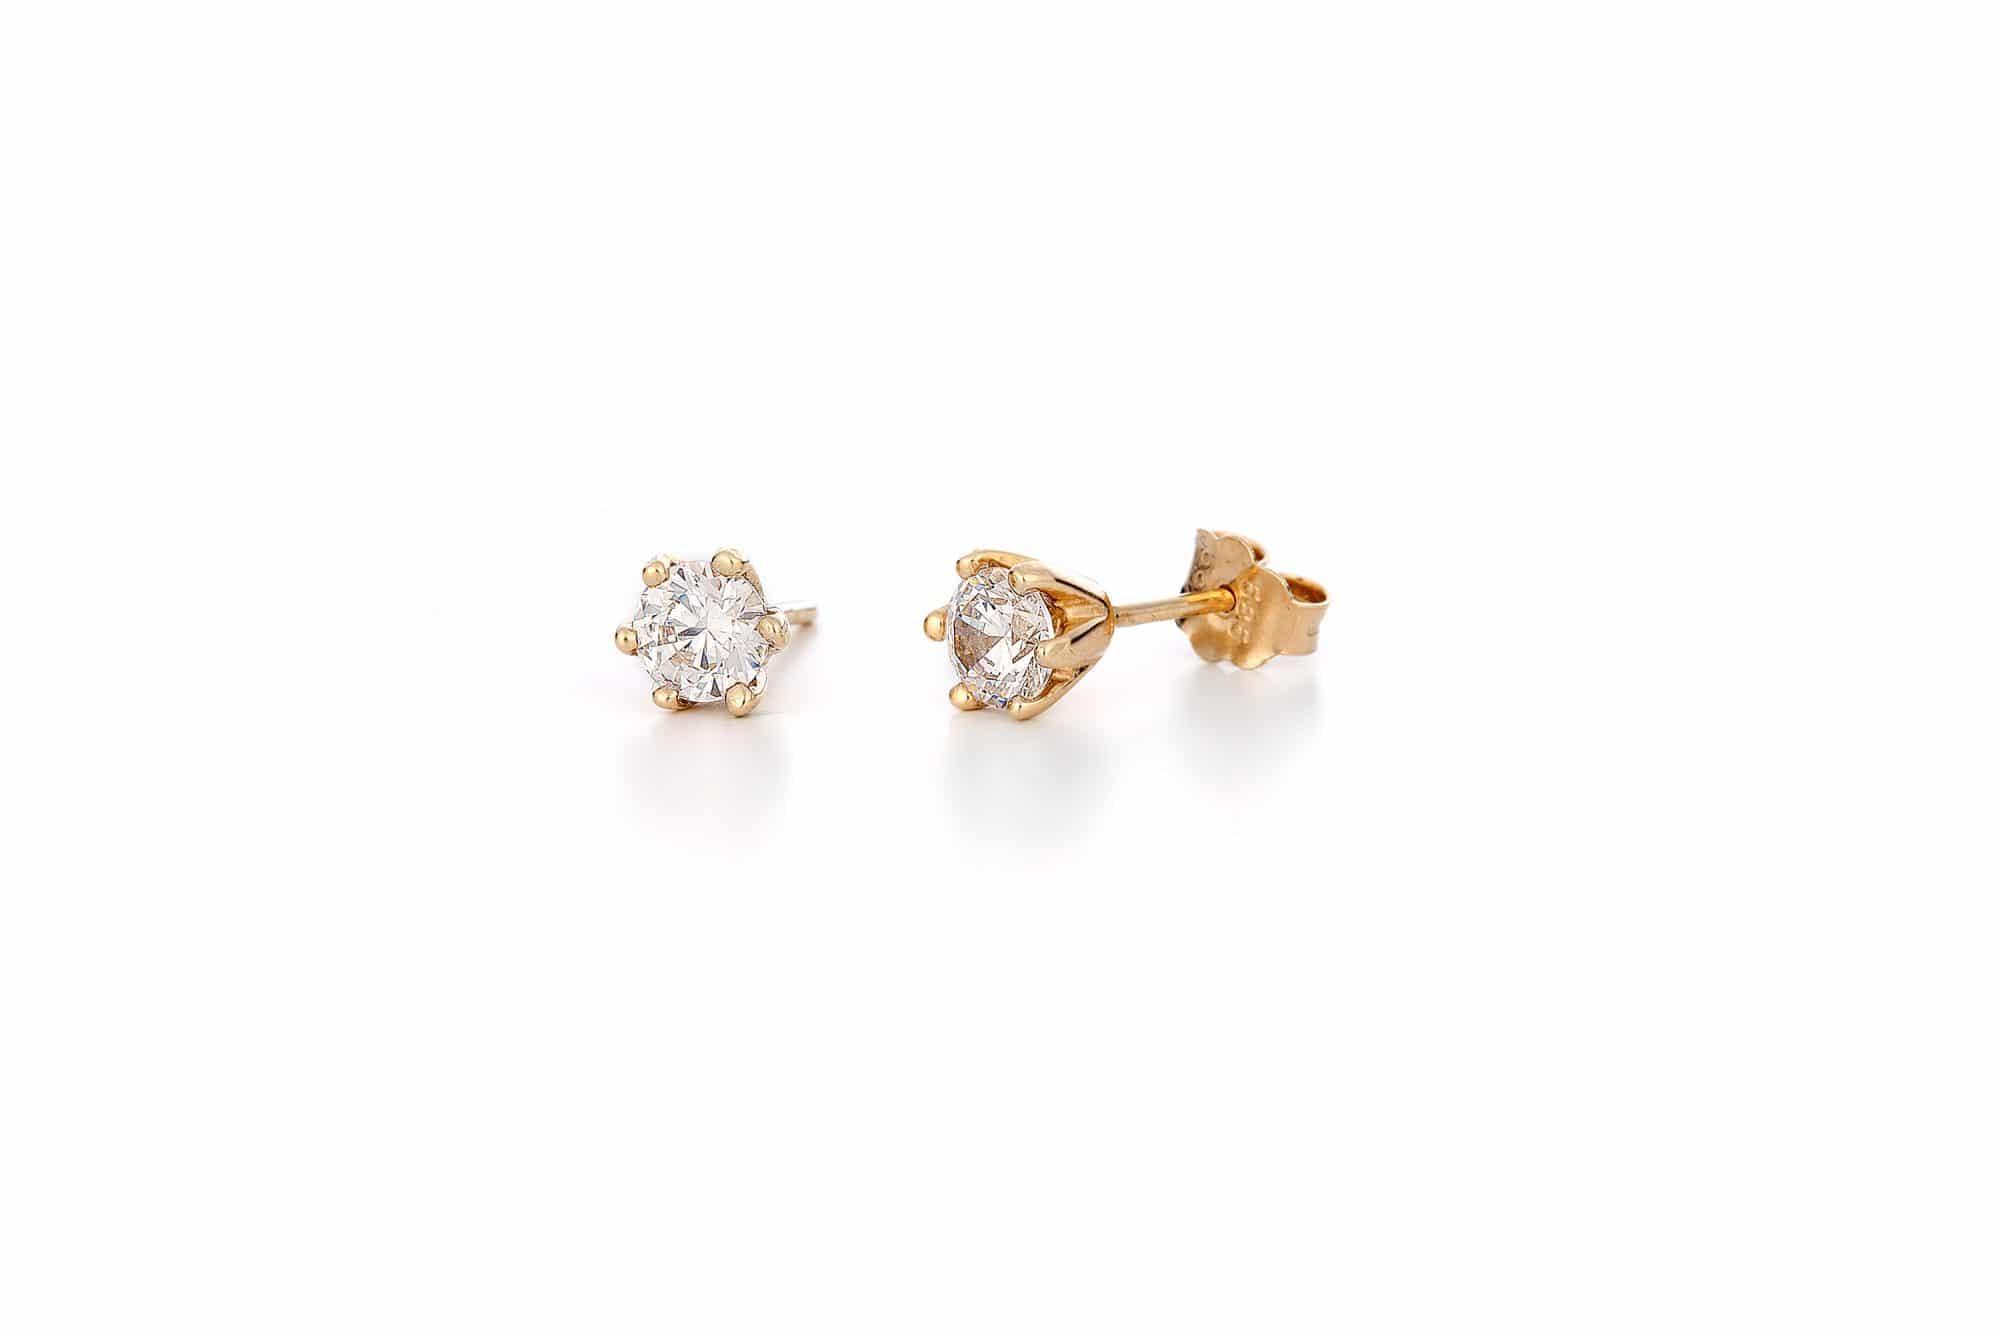 Σκουλαρίκια Μονόπετρα Χρυσά Με Ζιργκόν – Jewelor d4a634c778c